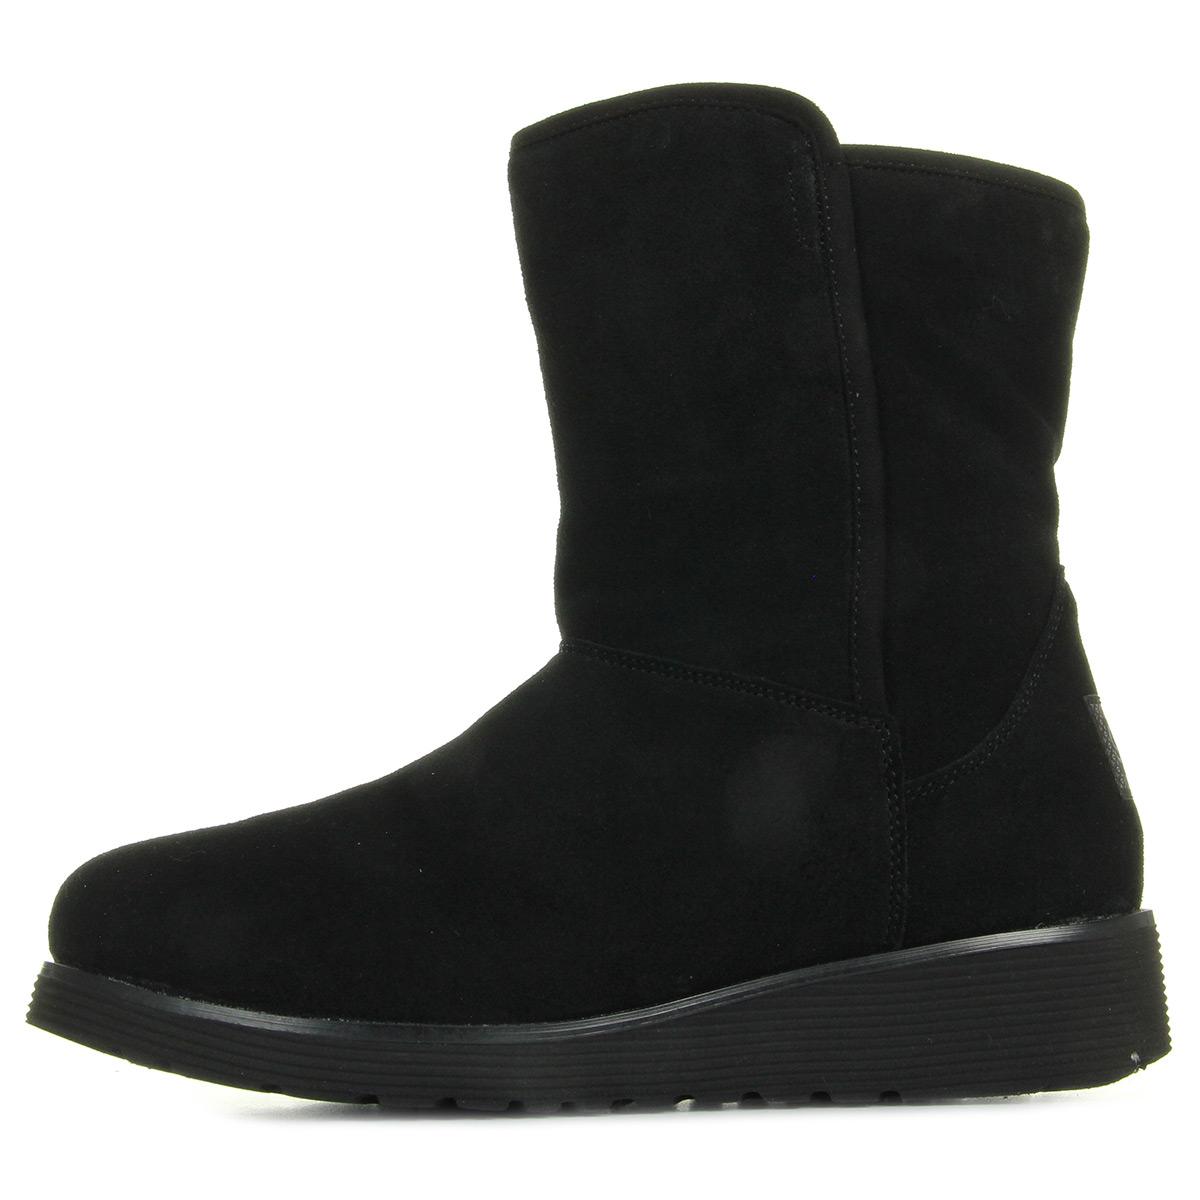 Skechers Bunny Slope Black 49813BLK, Boots femme